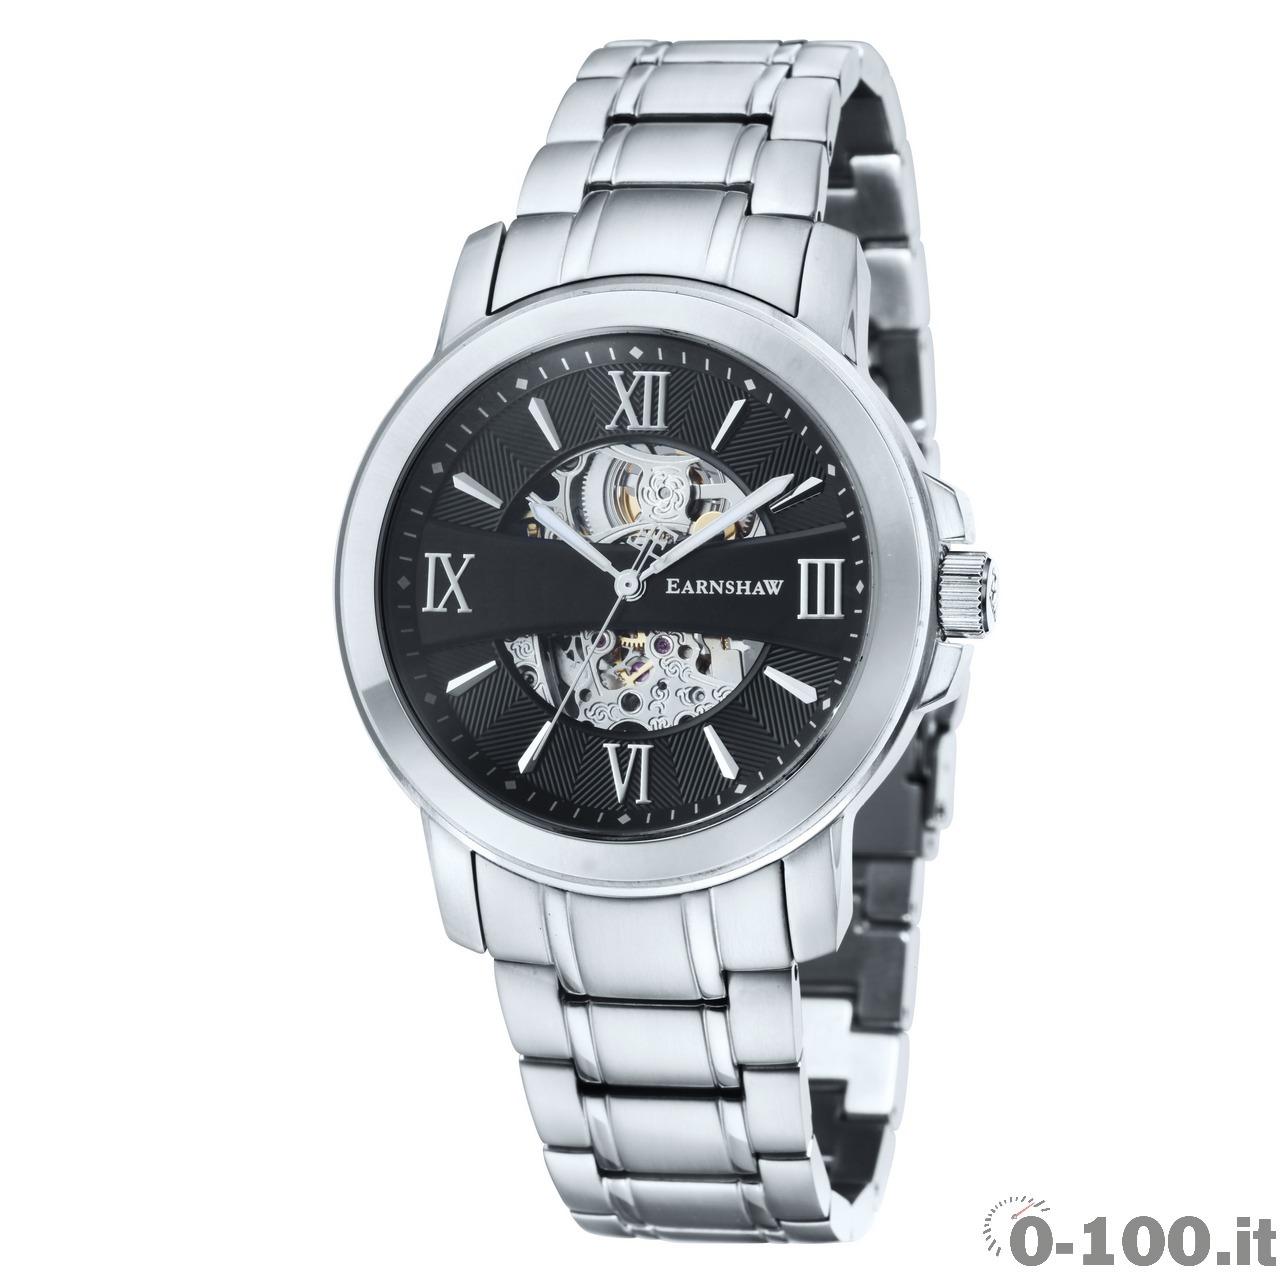 thomas-earnshaw-collezione-plymouth-prezzo-price_0-1009